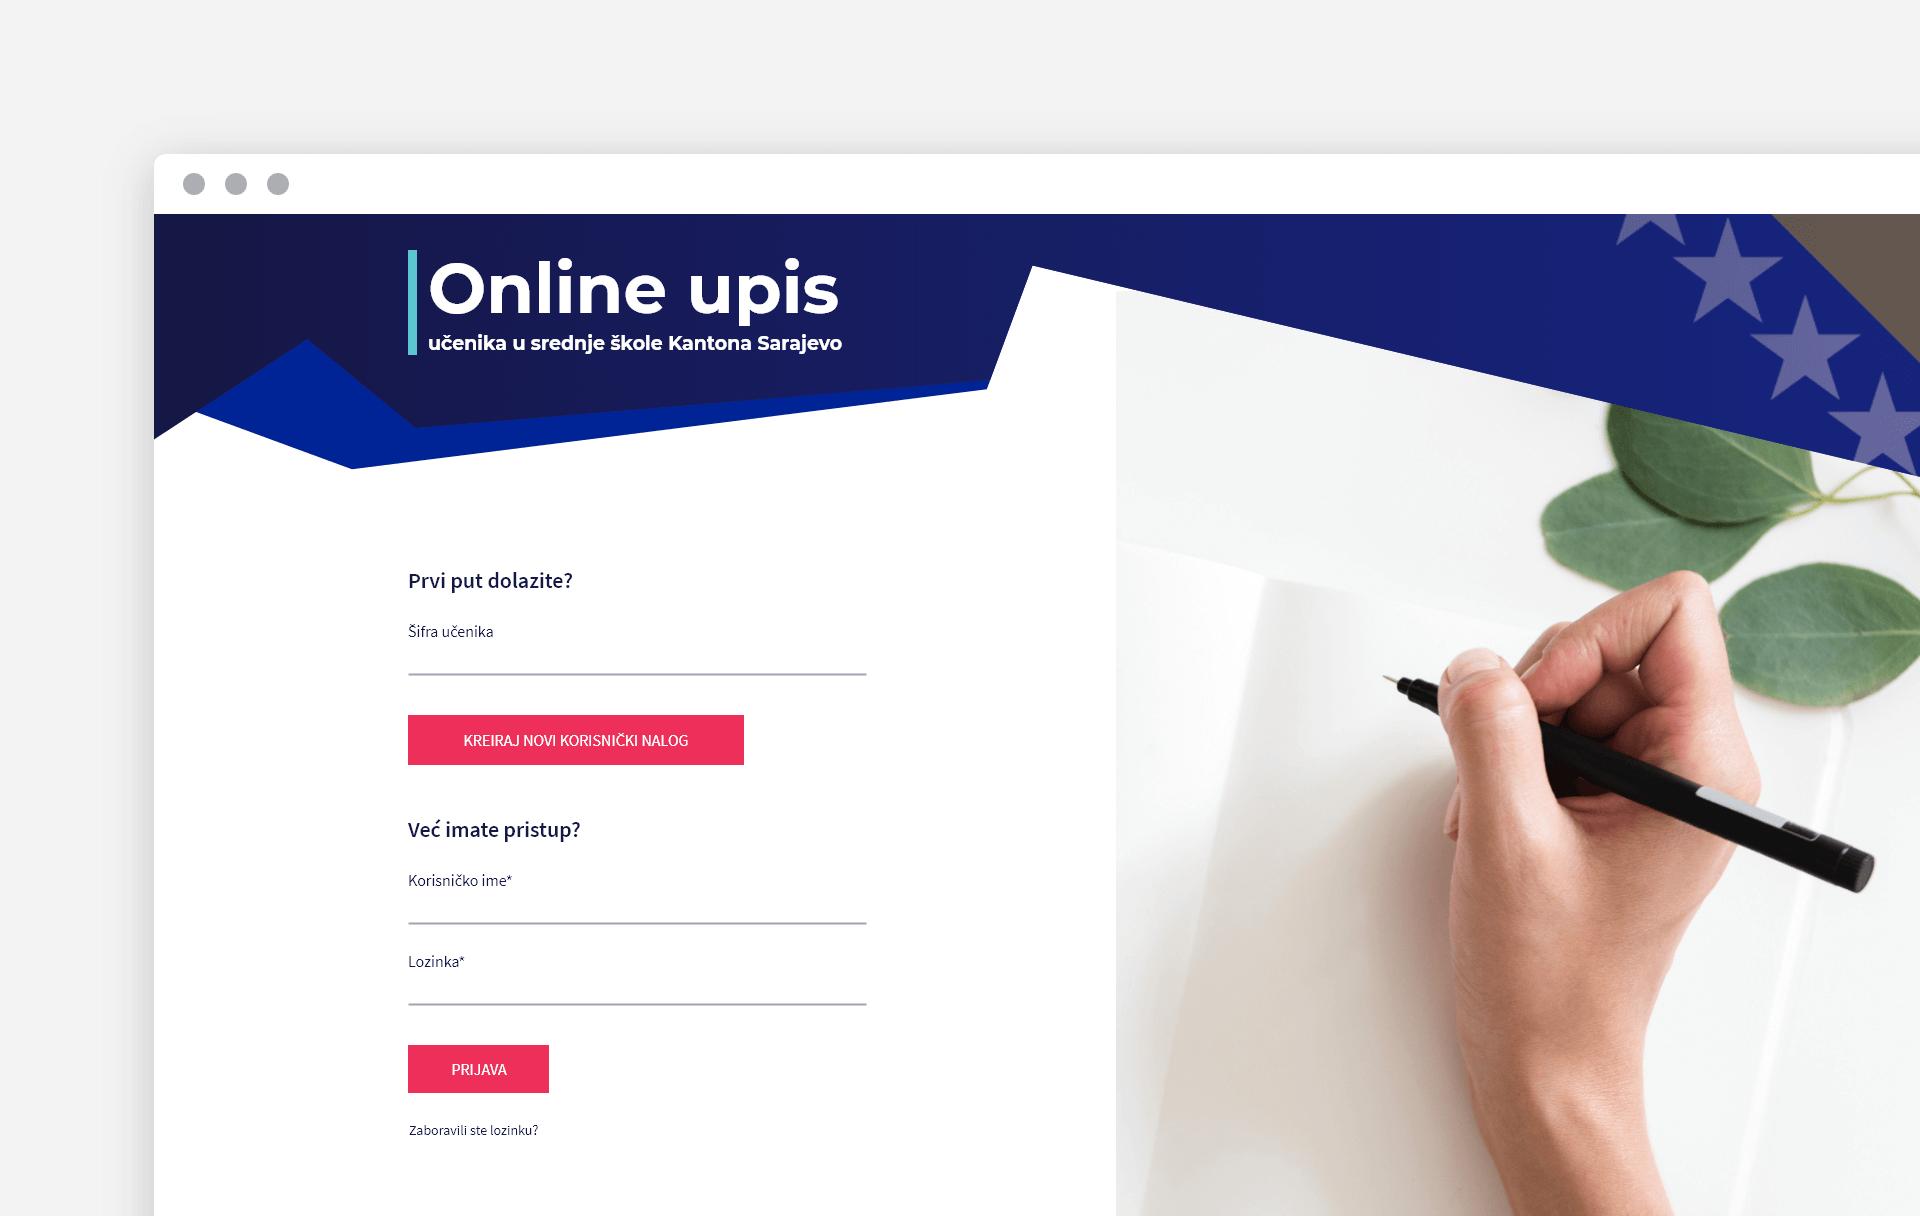 Online upis EMIS